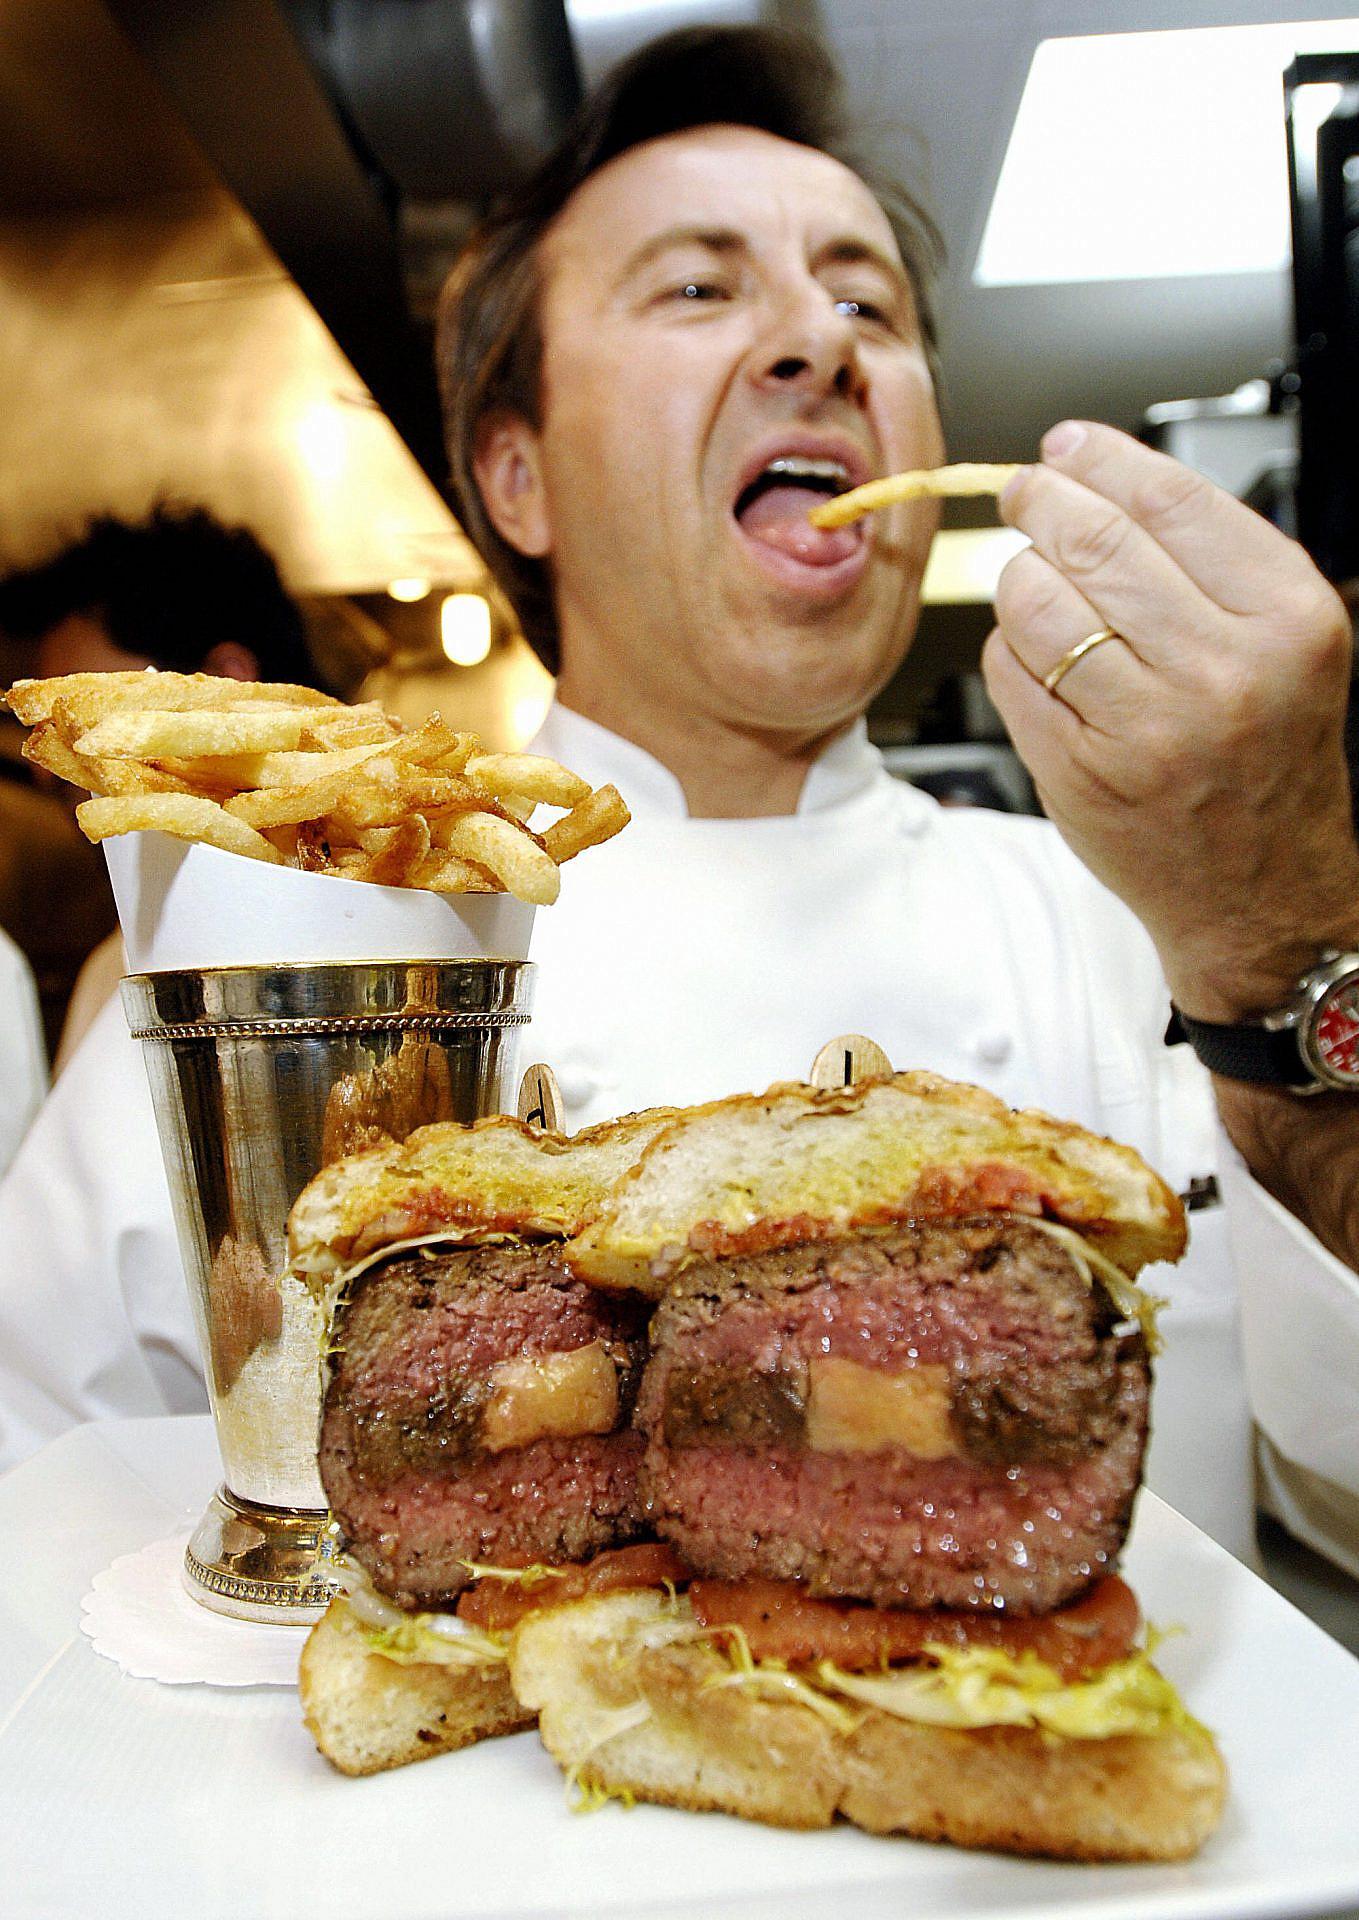 שף דניאל בולו וההמבורגר שלו ב-DB ביסטרו מודרן הניו יורקית, 2006 (צילום: סטן הונדה\AFP\גטי אימג'ס)